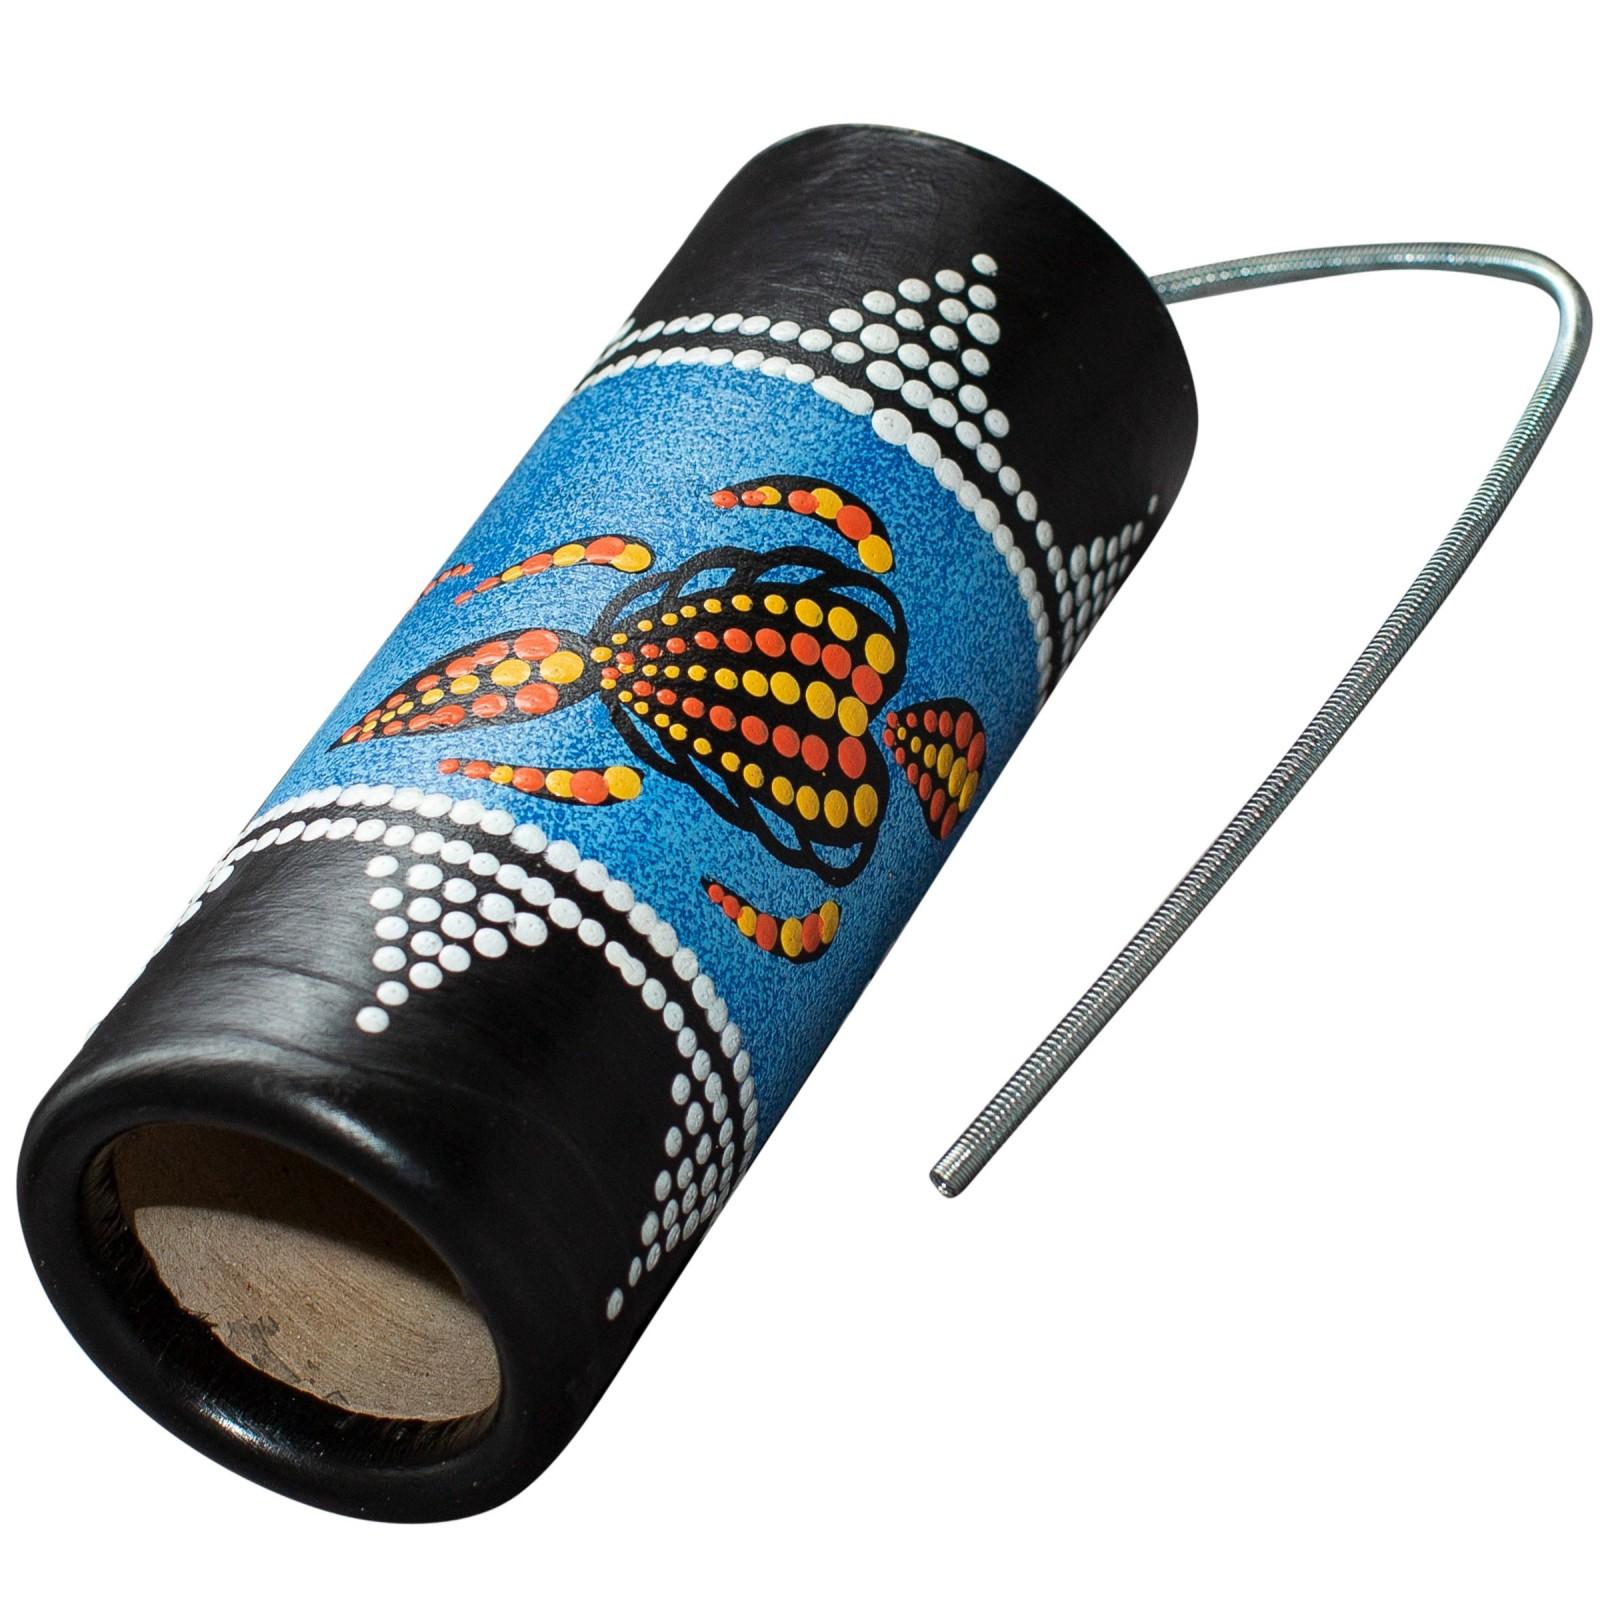 Tambour du tonnerre, AT- BLTD-25 - Bruit du Tonnerre - instrument sonore pour enfants - 25cm